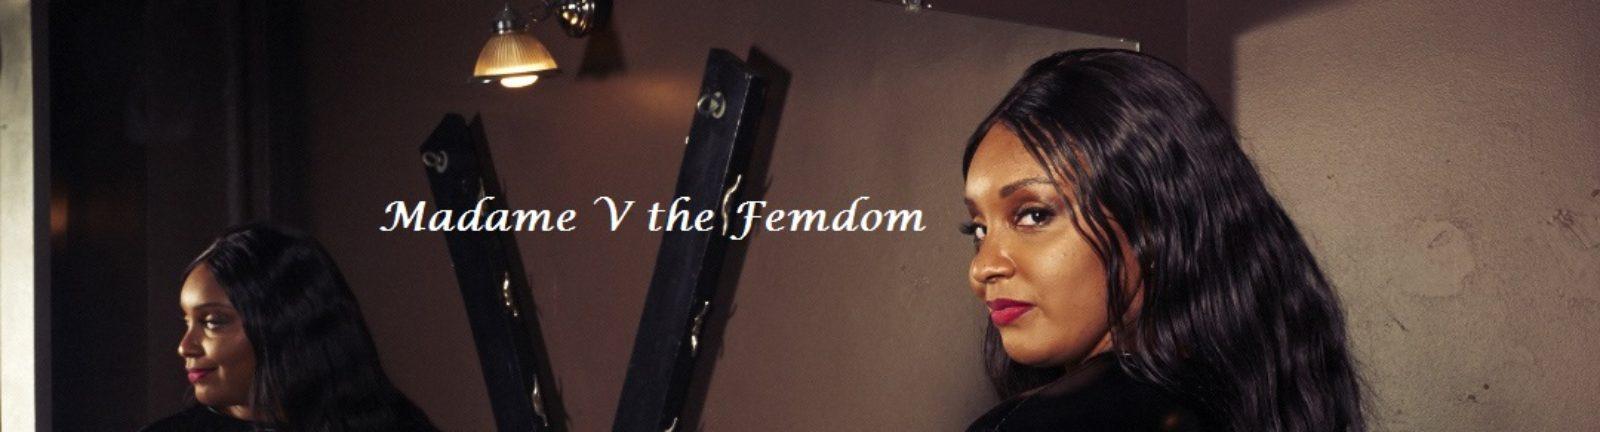 Madame V the Femdom